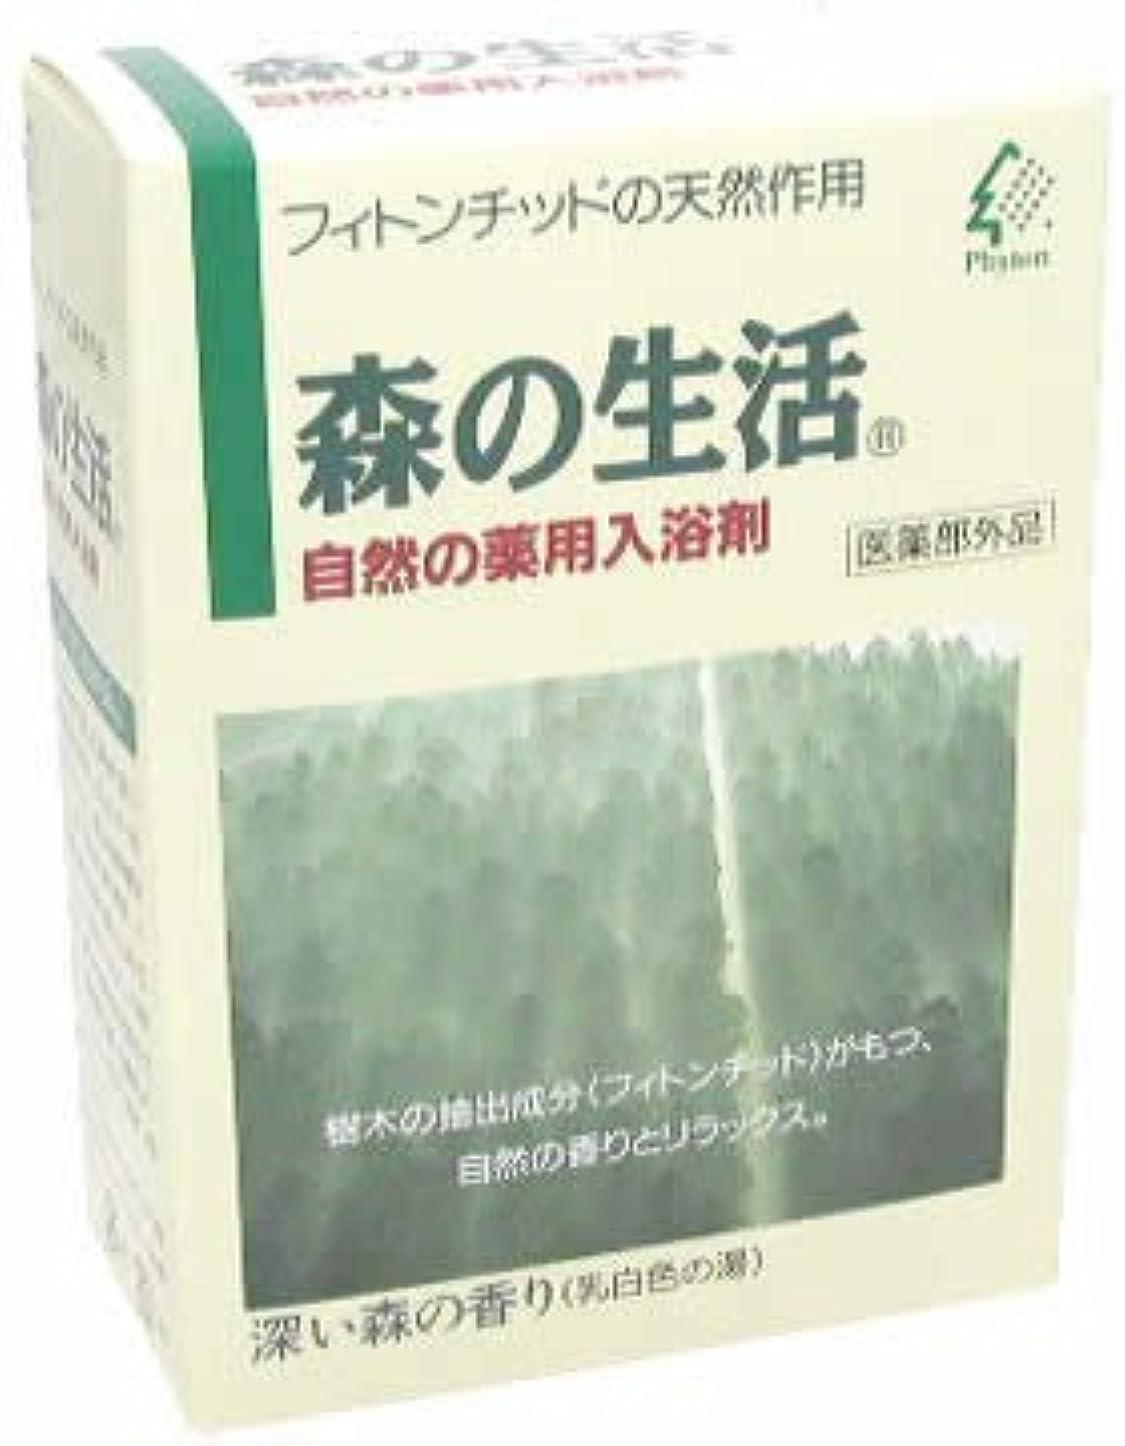 きちんとしたシロクマ値下げ森の生活 薬用入浴剤 6包入(乳白色)